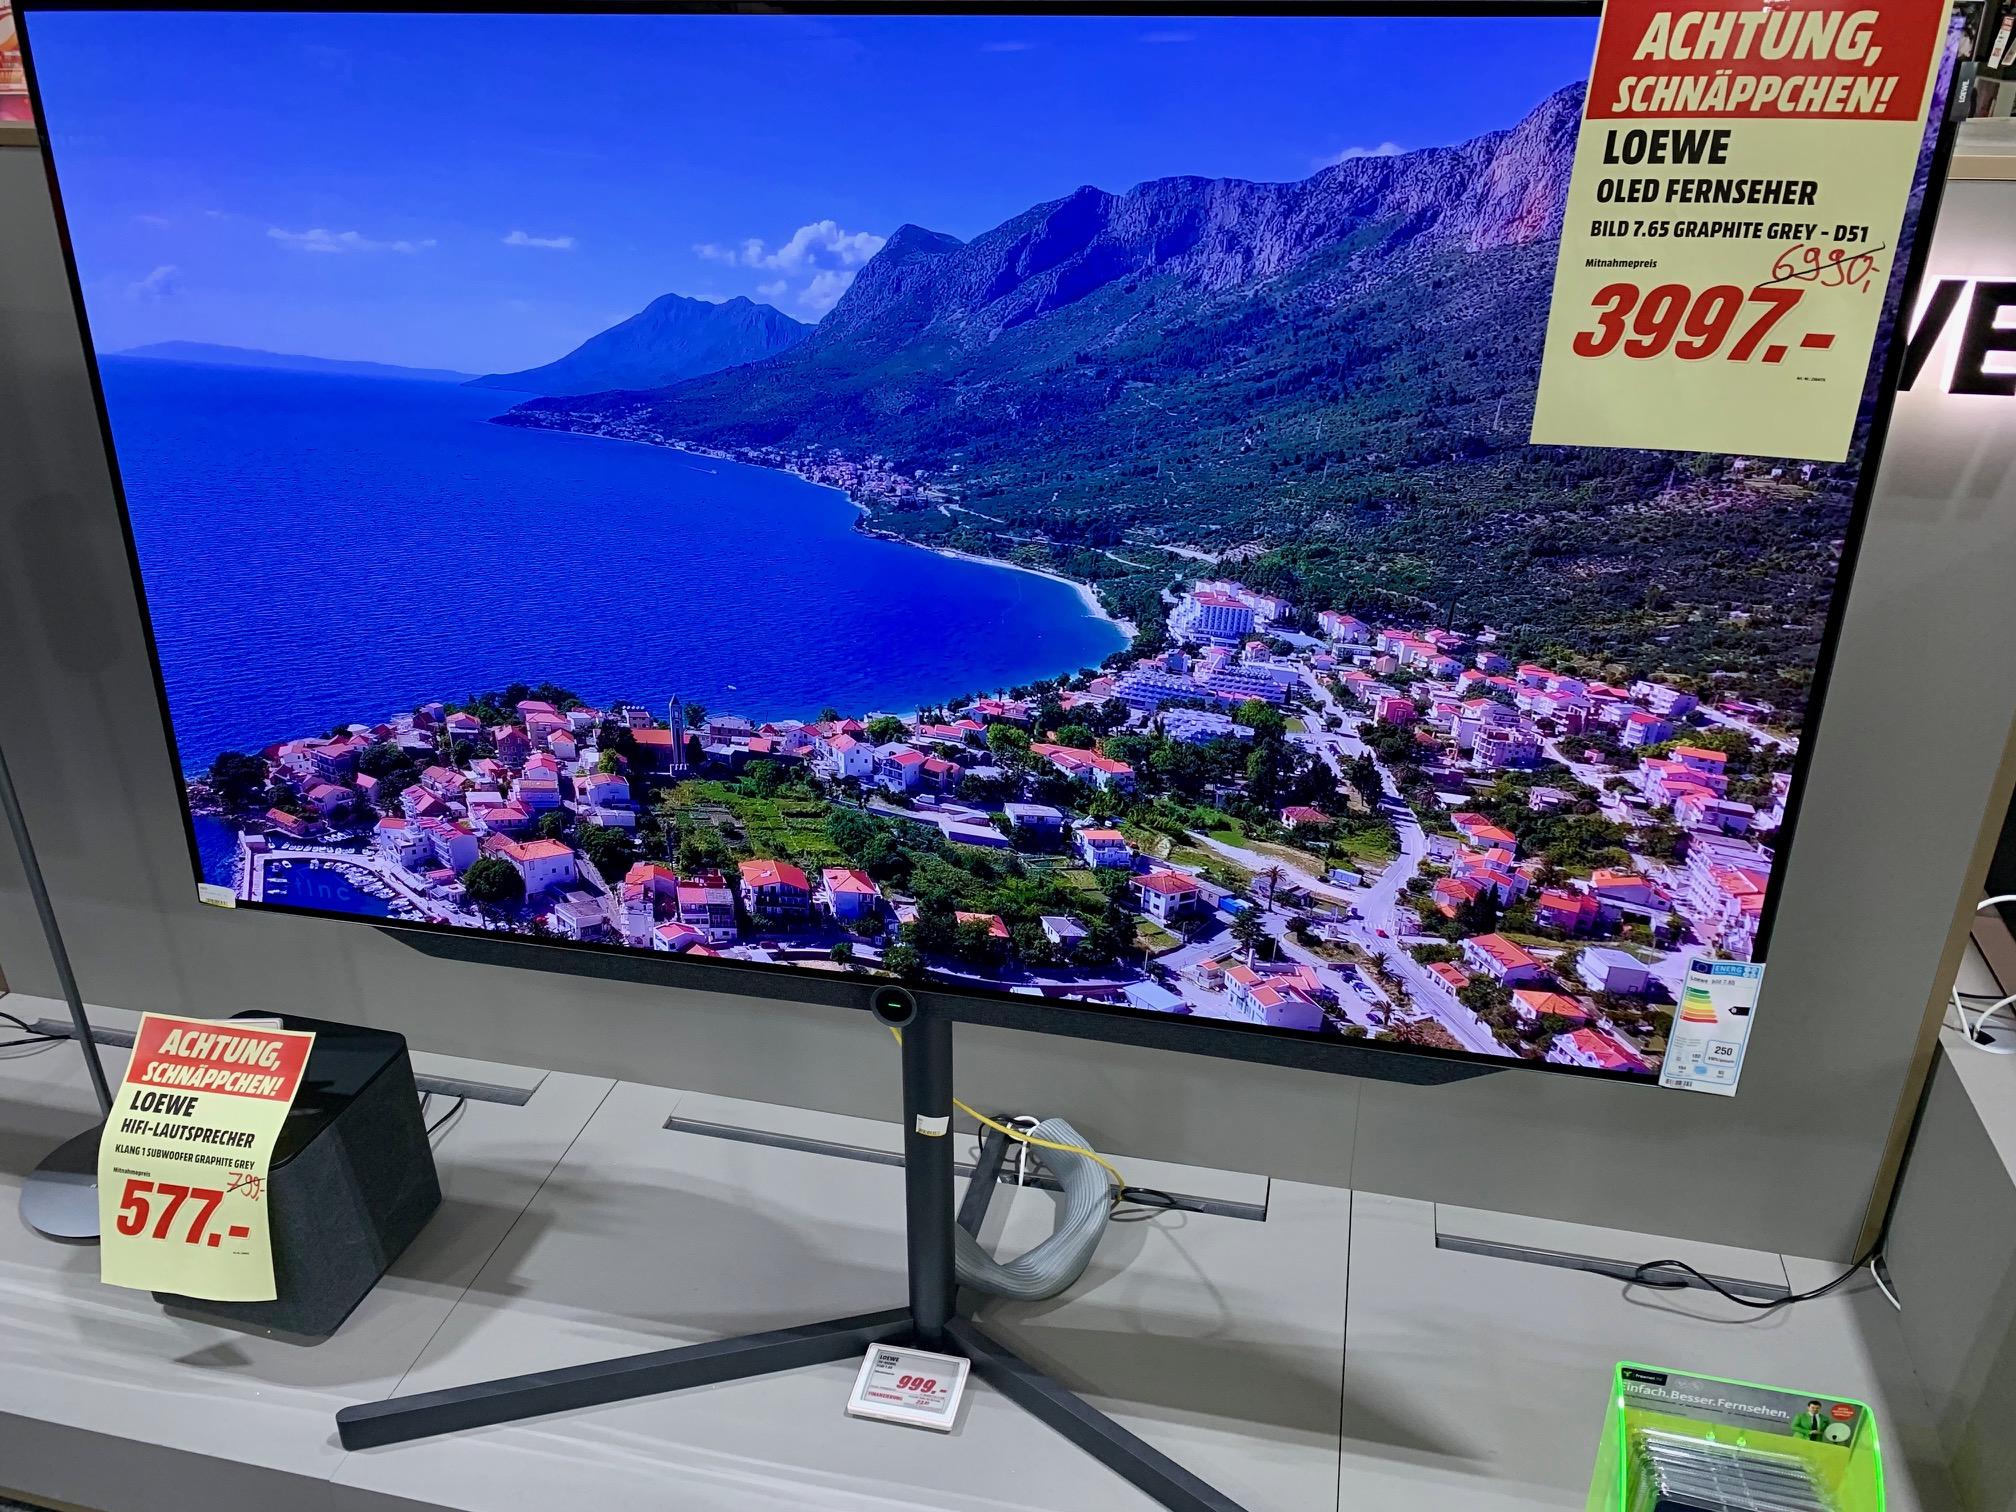 Loewe Fernsehr Bild 7.65 (Media Markt Donauwörth)